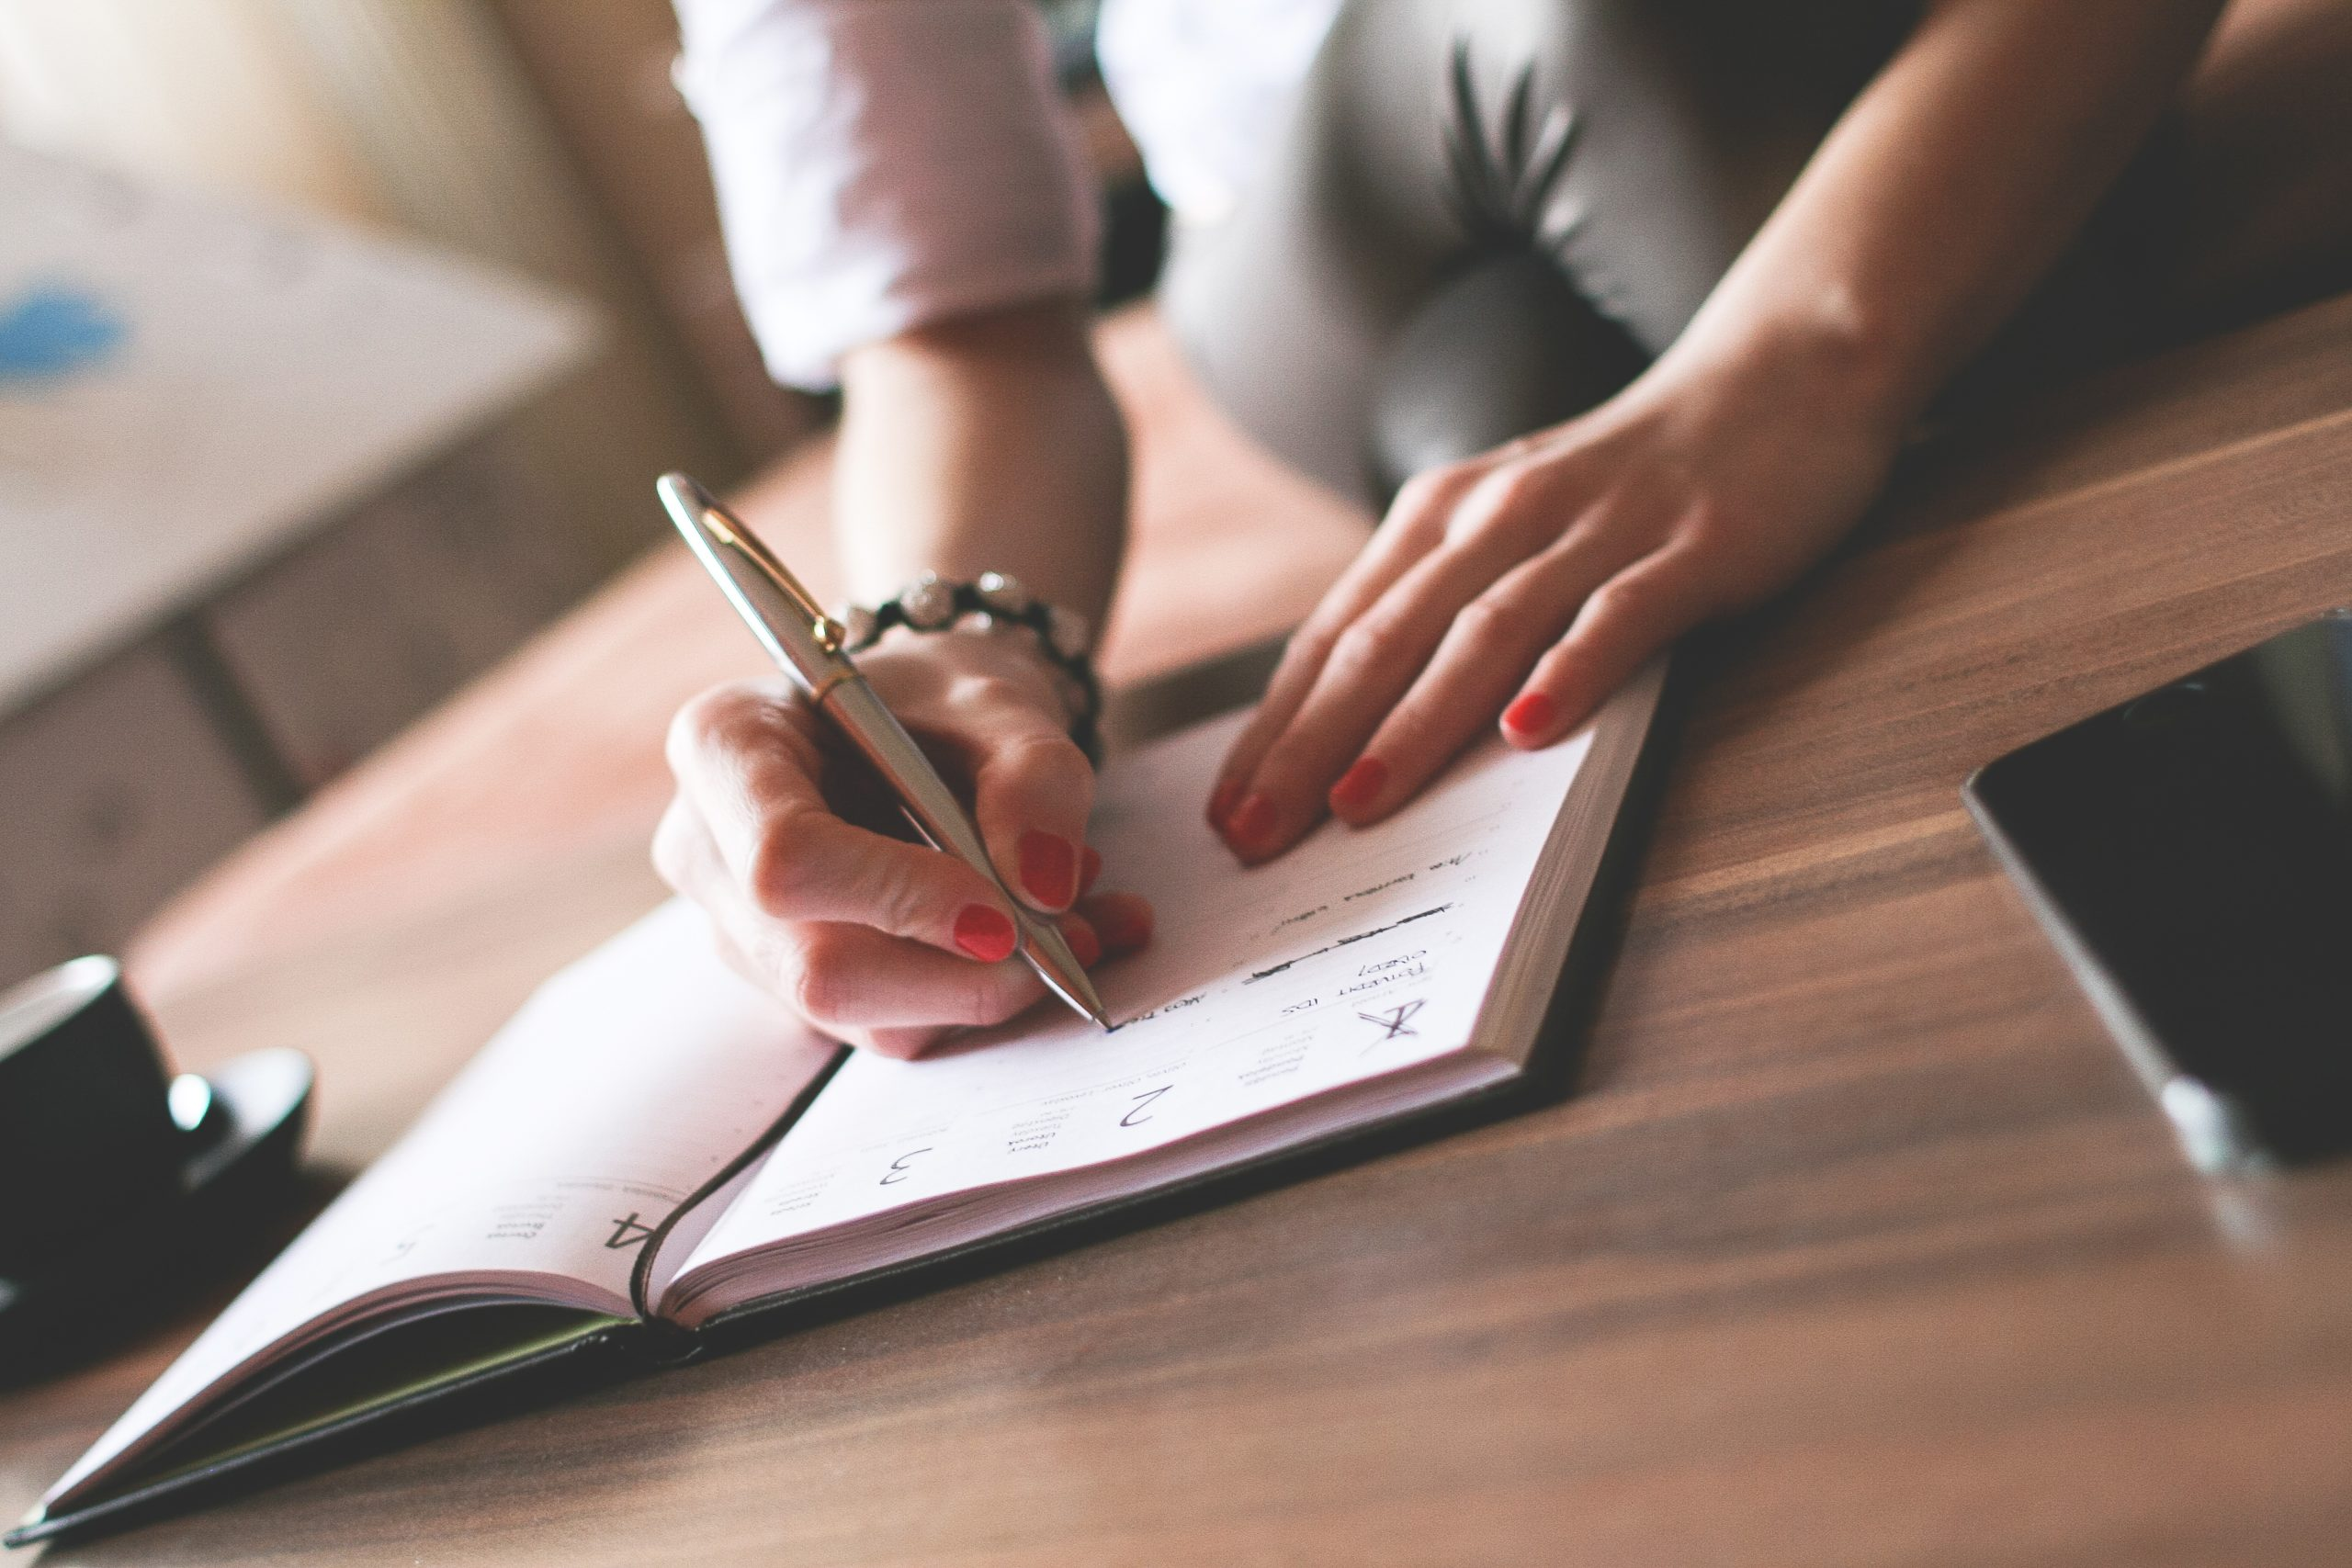 Как увеличить скорость письма ручкой: рекомендации, которые реально работают